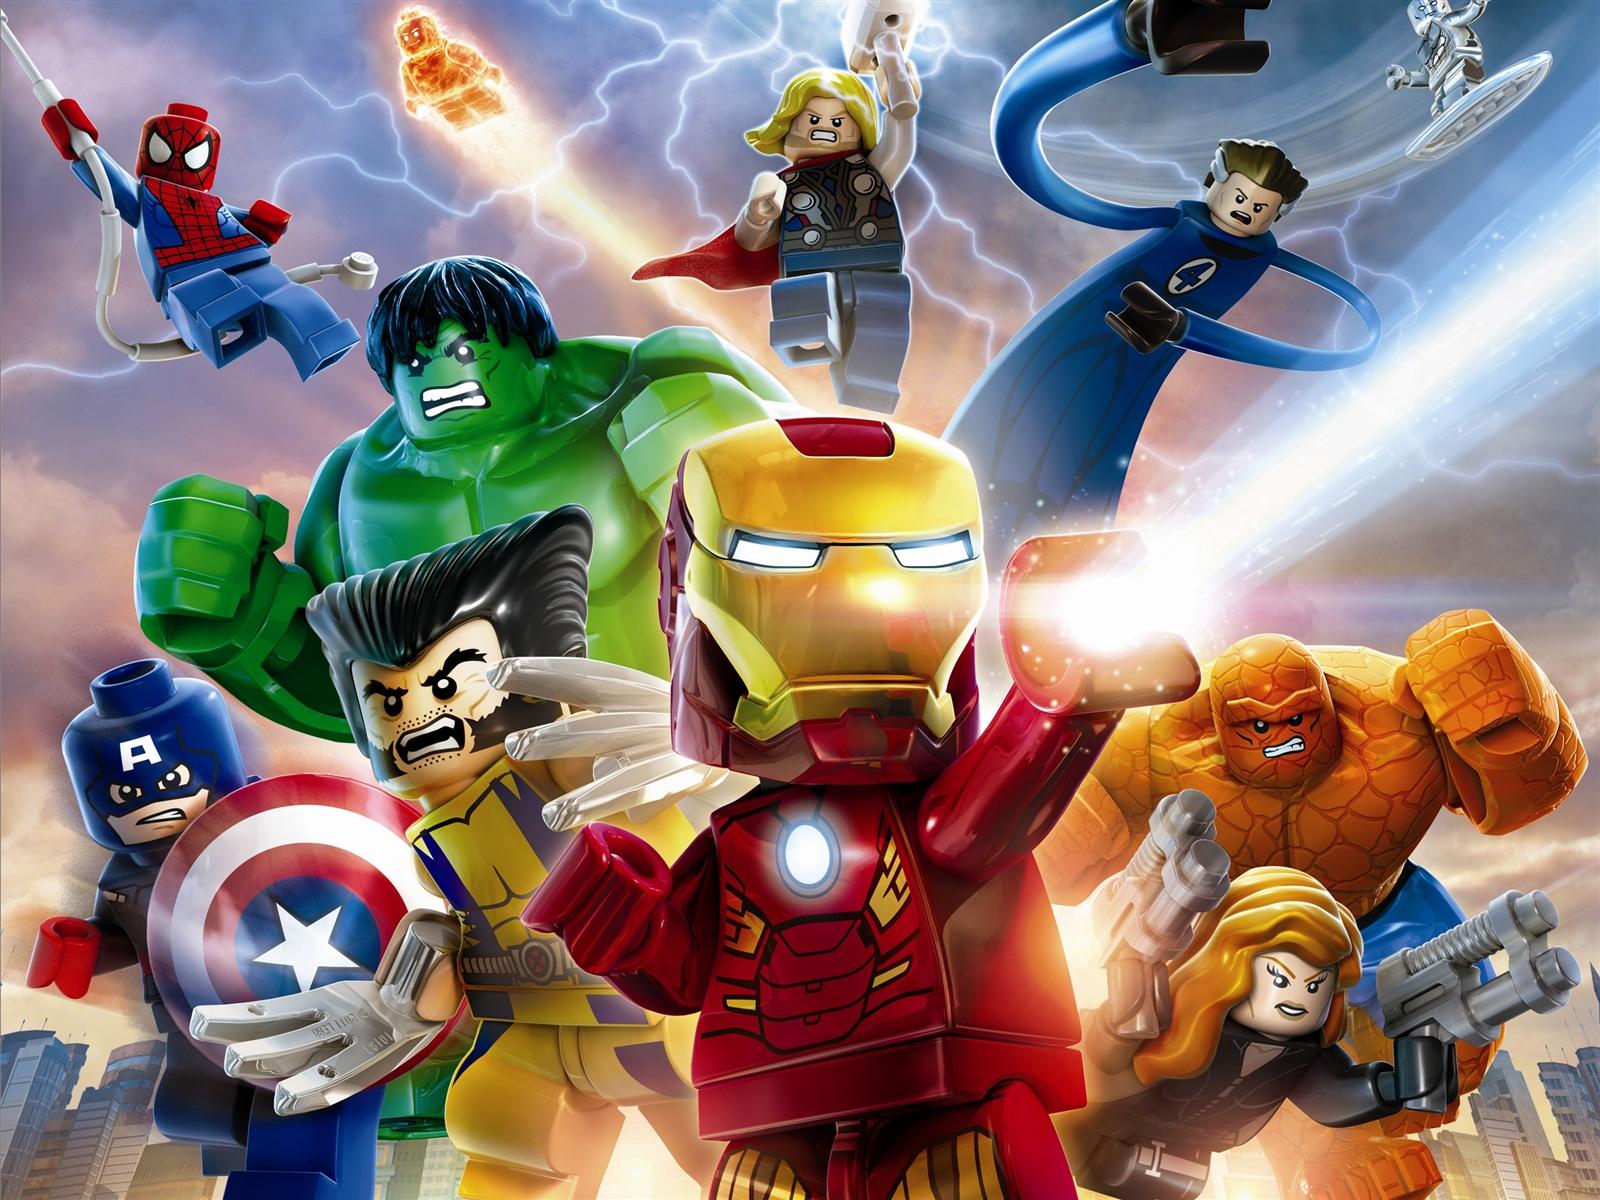 乐高marvel超级英雄 壁纸 - 1600x1200